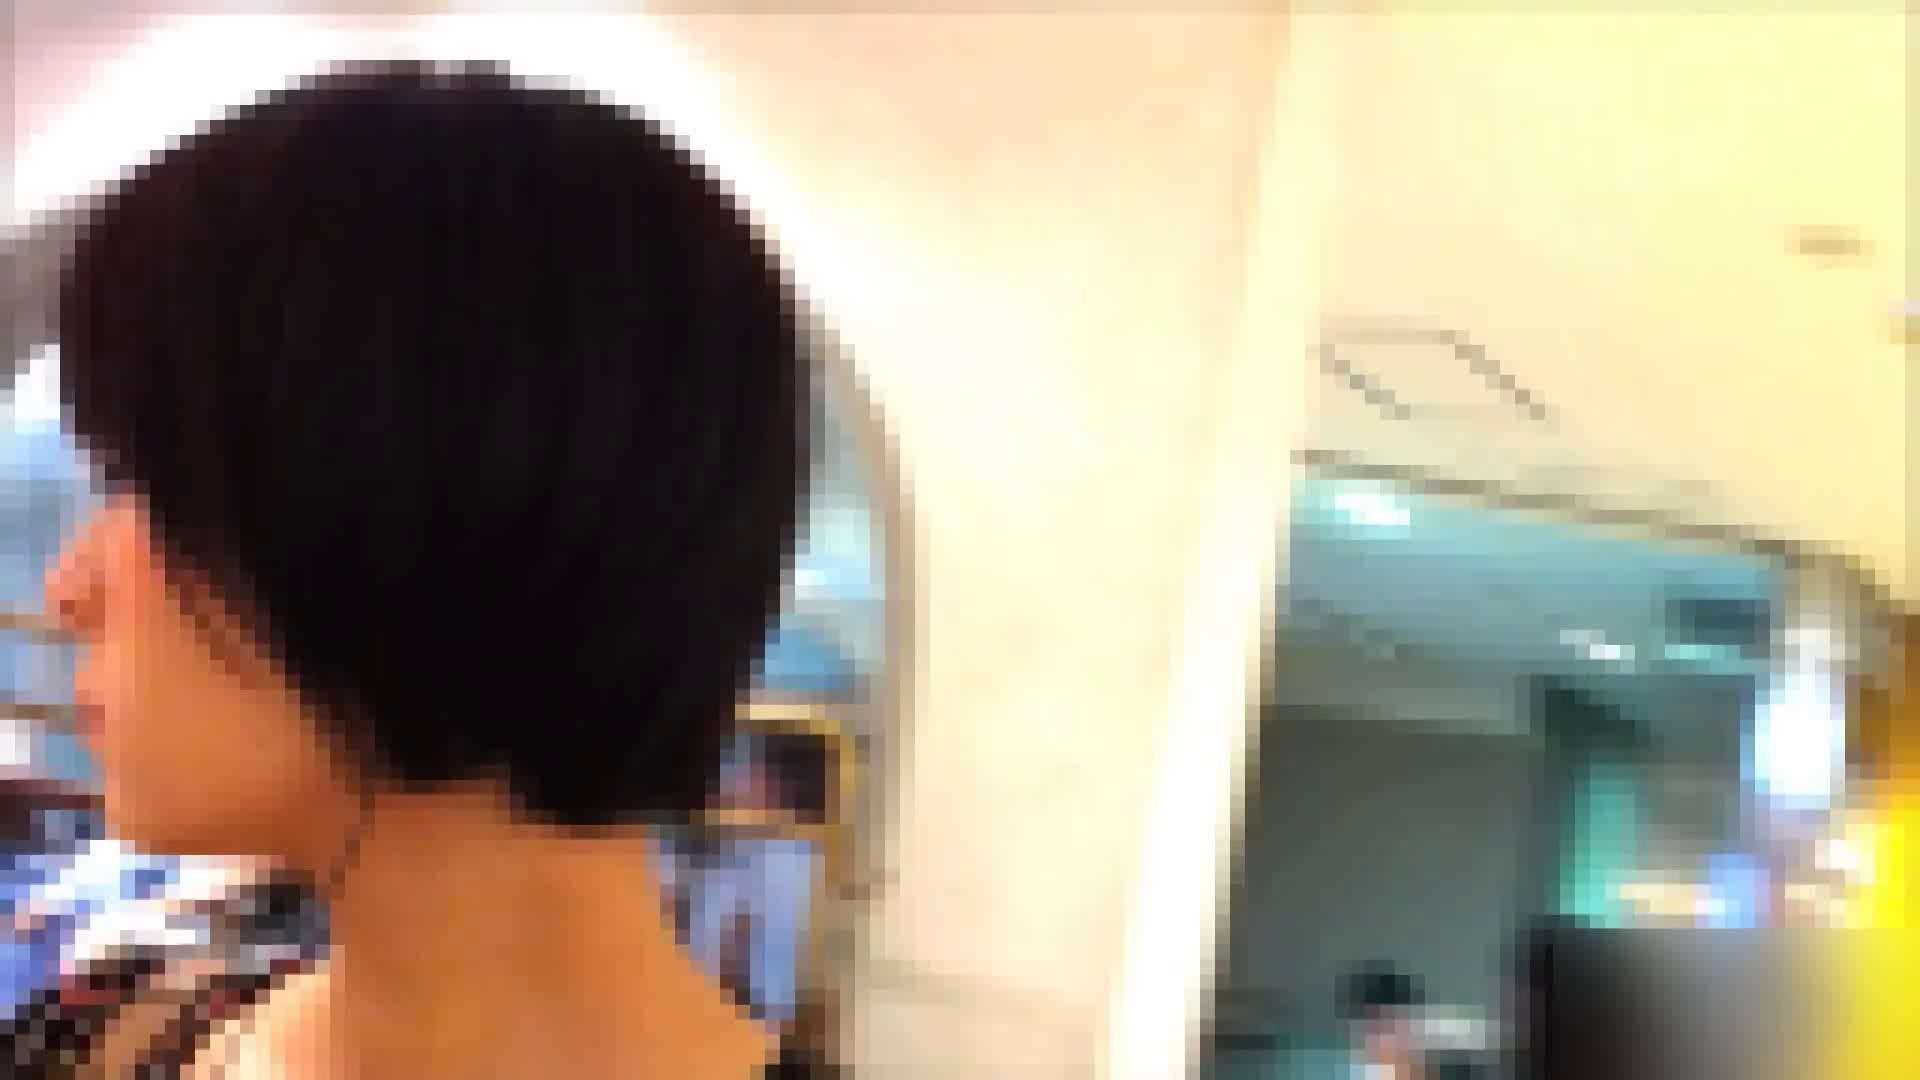 ガールズパンチラストリートビューVol.004 チラ歓迎 すけべAV動画紹介 83pic 63